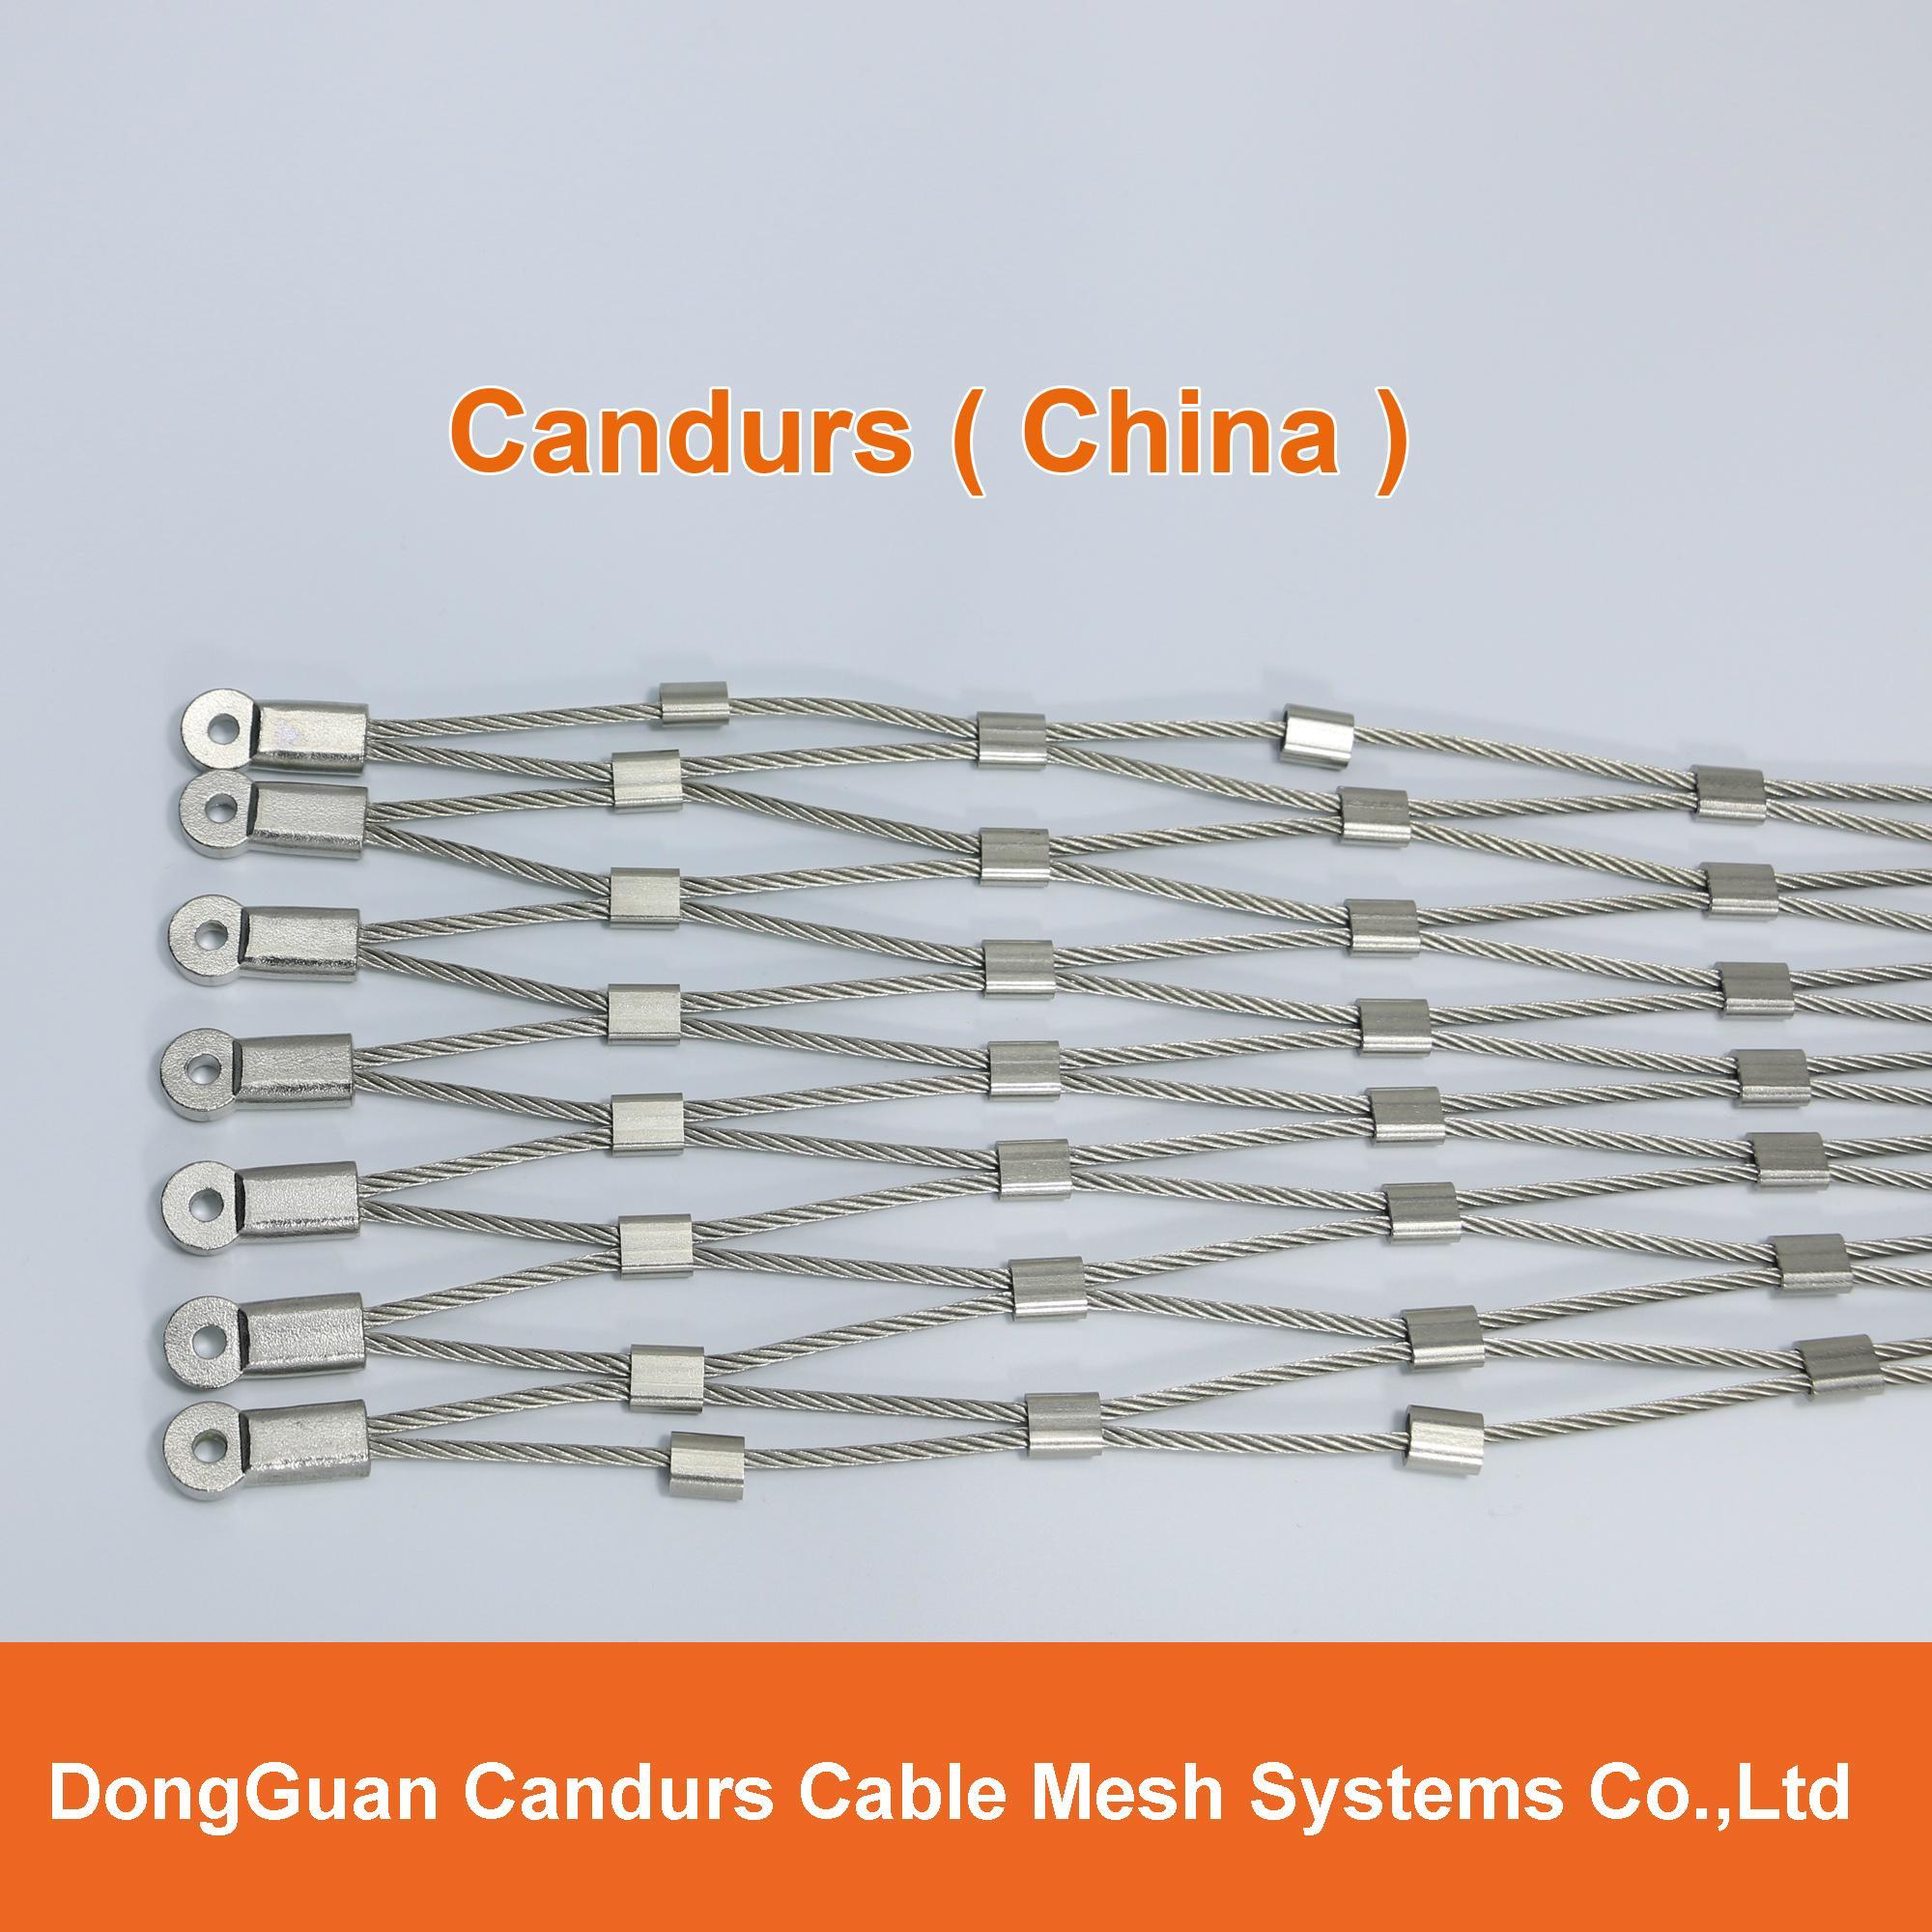 不鏽鋼絲繩耐用樓梯防護安全網 15